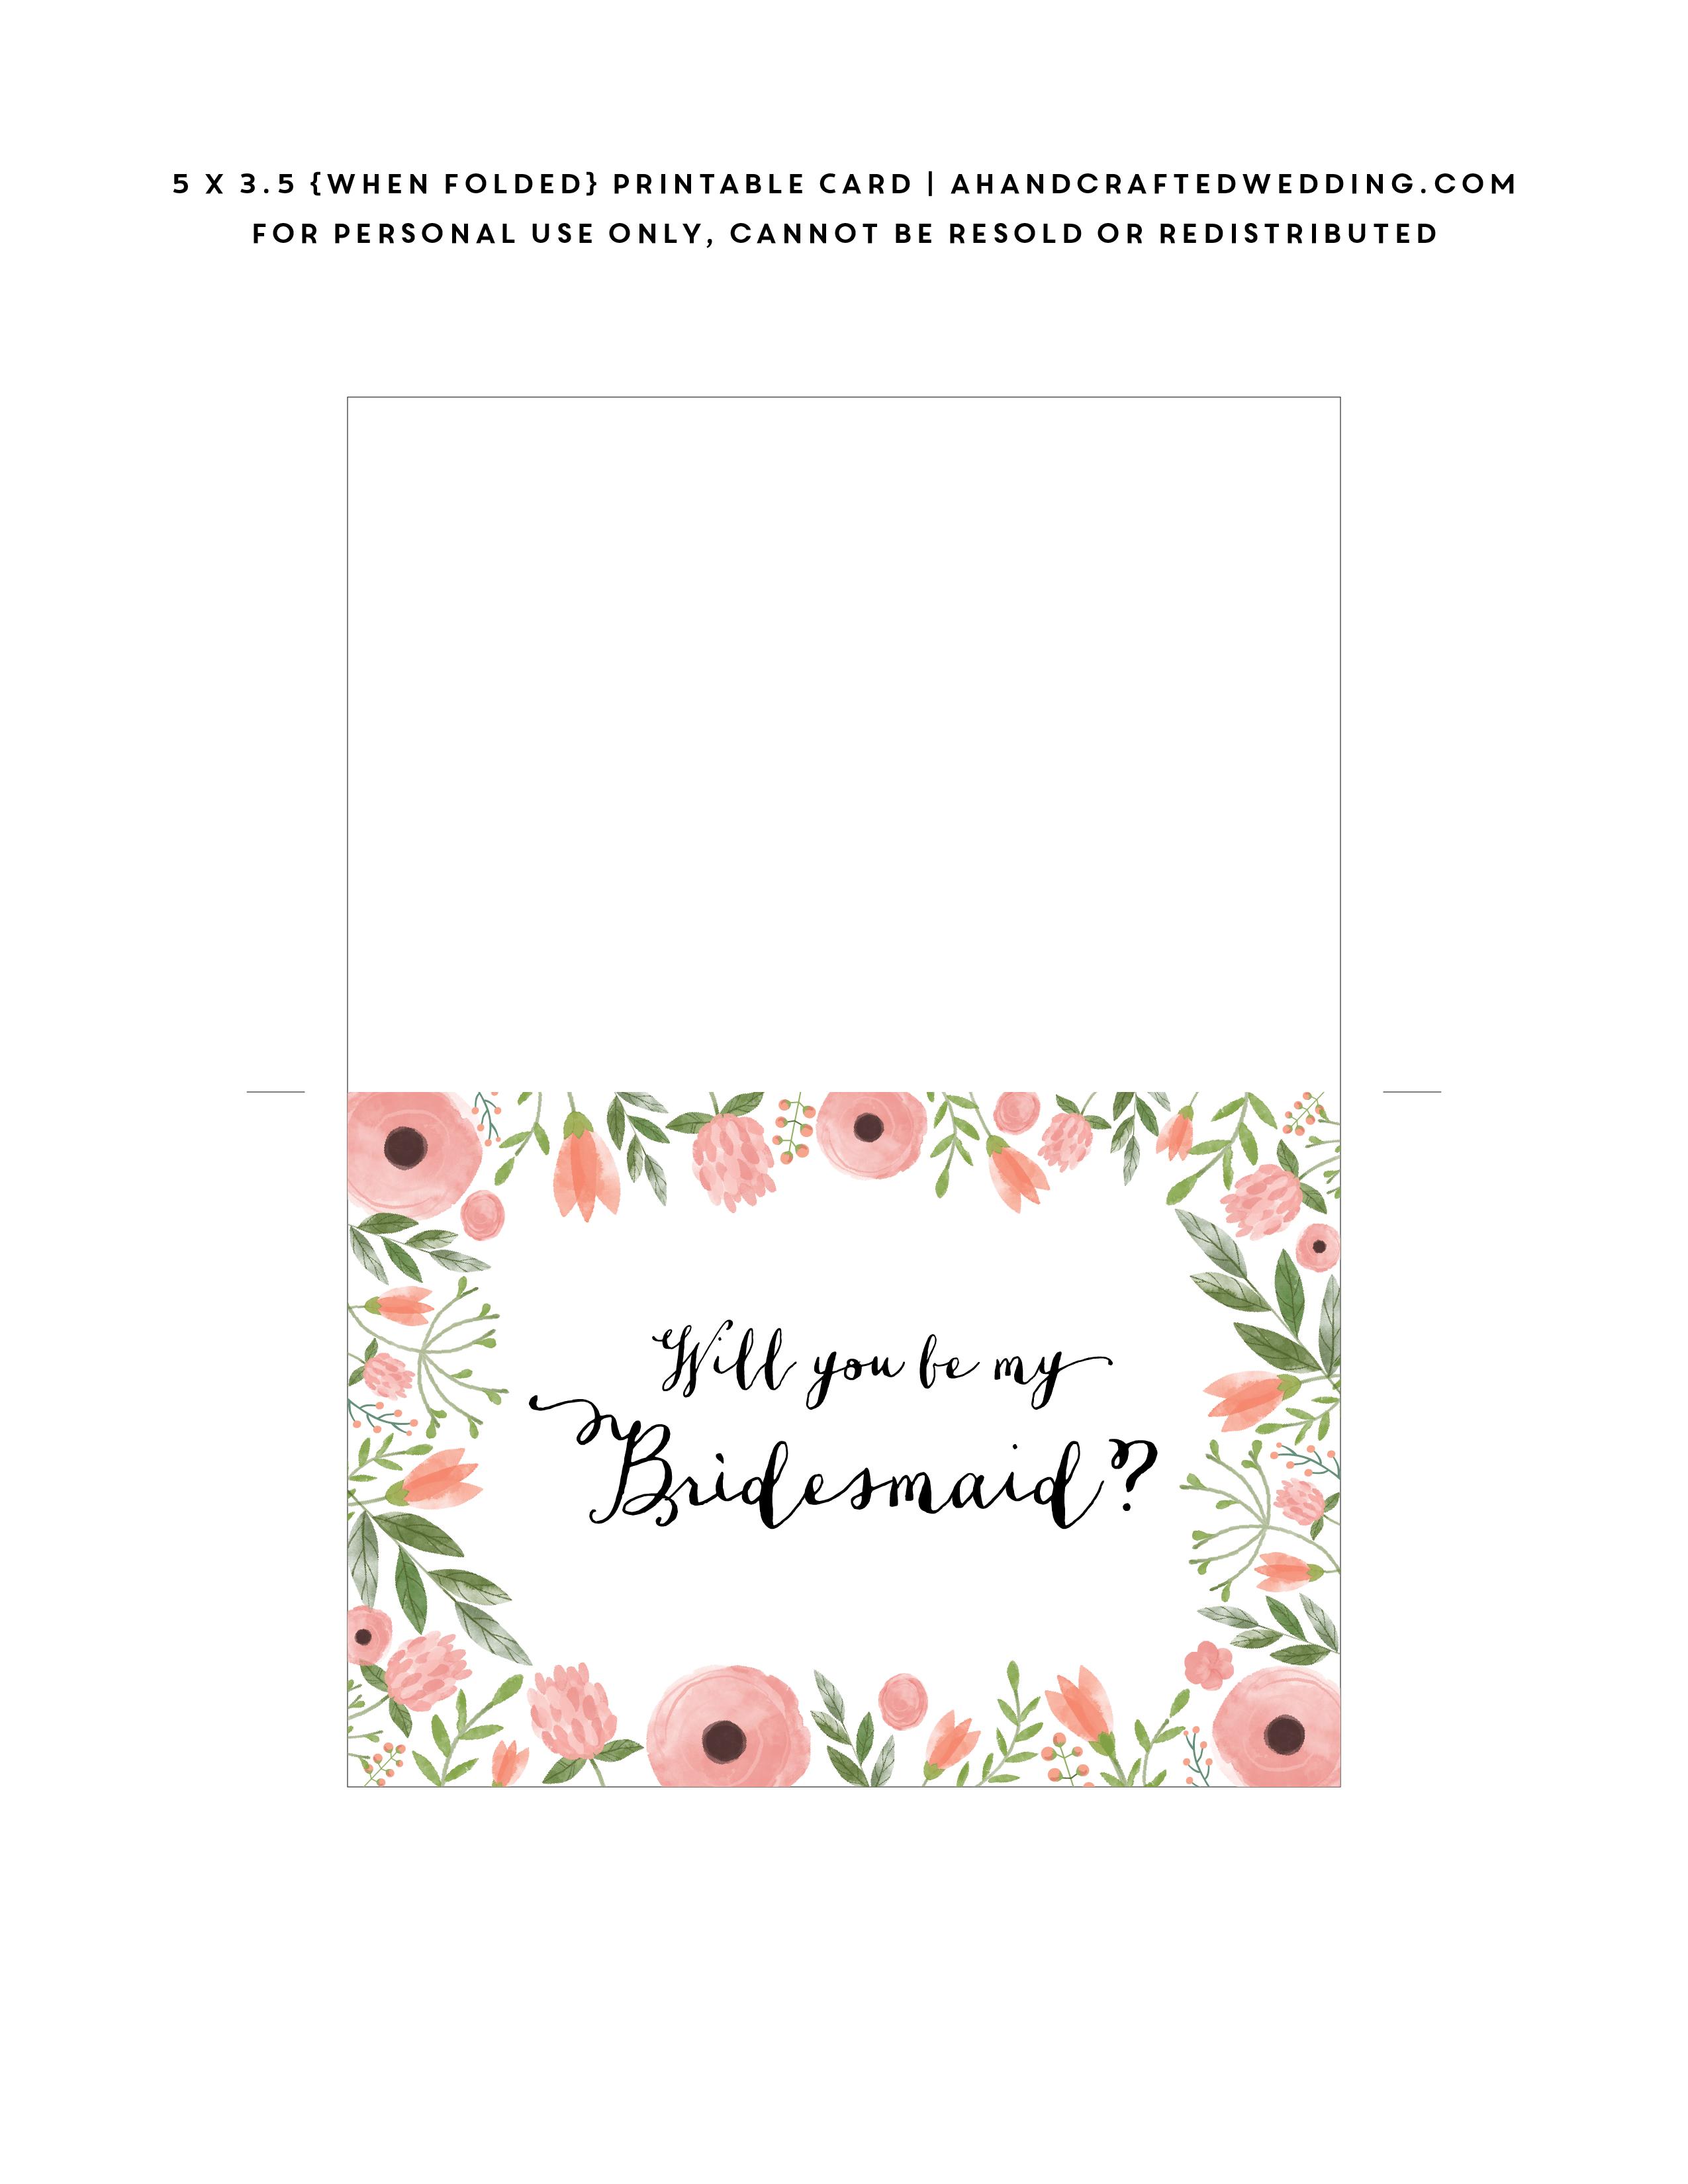 Pinarina Pangestuputri On Bridesmaid Card | Bridesmaid Cards, Be - Free Printable Will You Be My Bridesmaid Cards